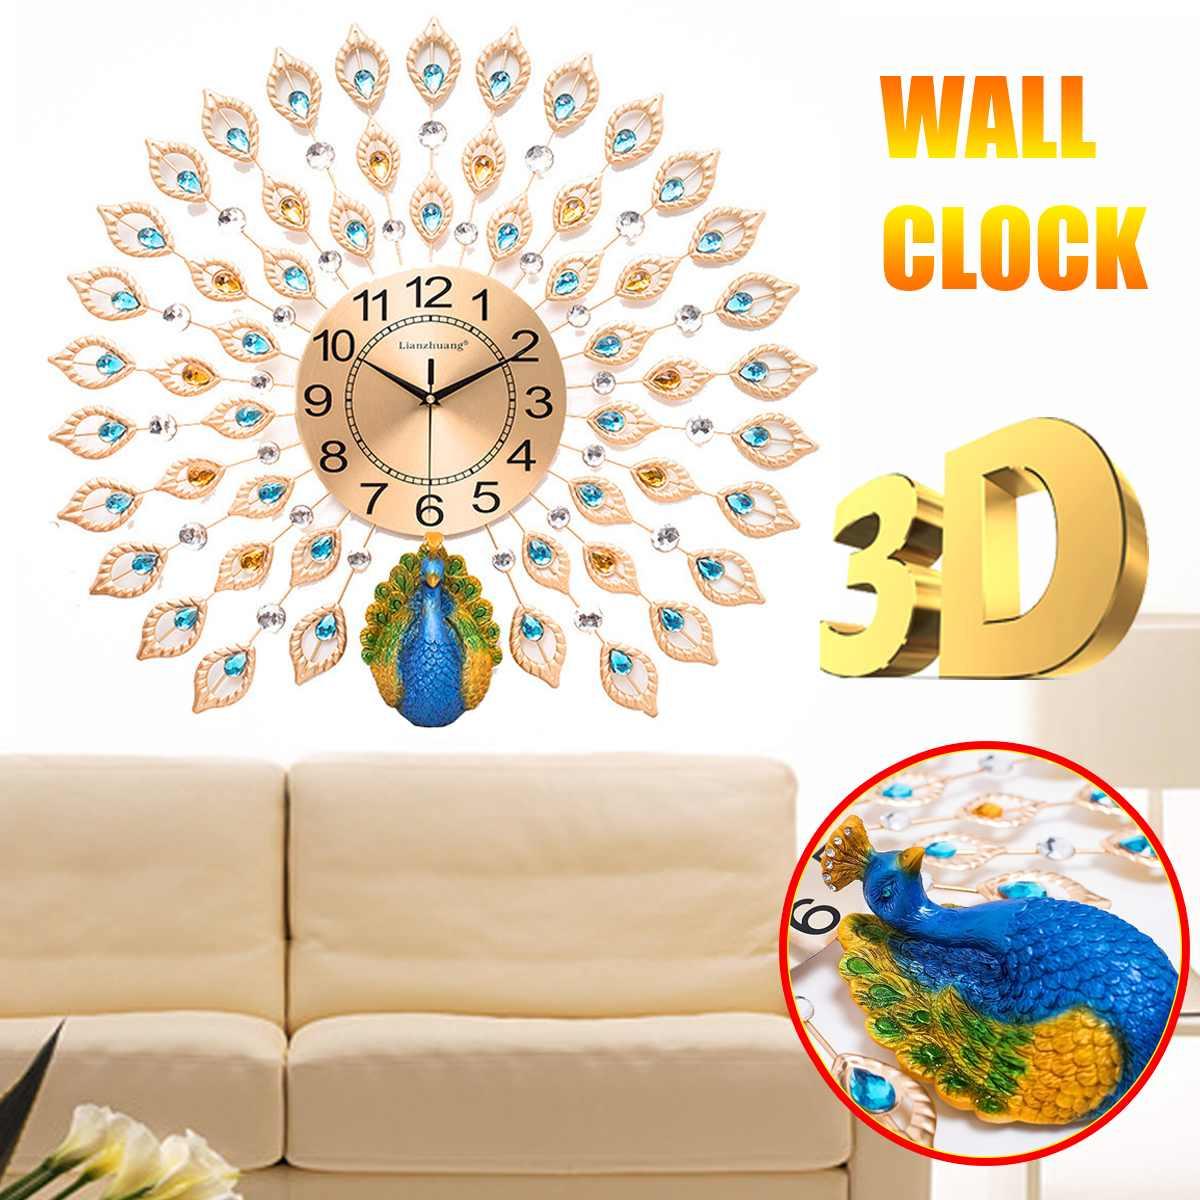 Grand 3D diamant cristal Quartz paon horloges murales Design moderne européen pour la maison salon décor chambre silencieux horloge mur